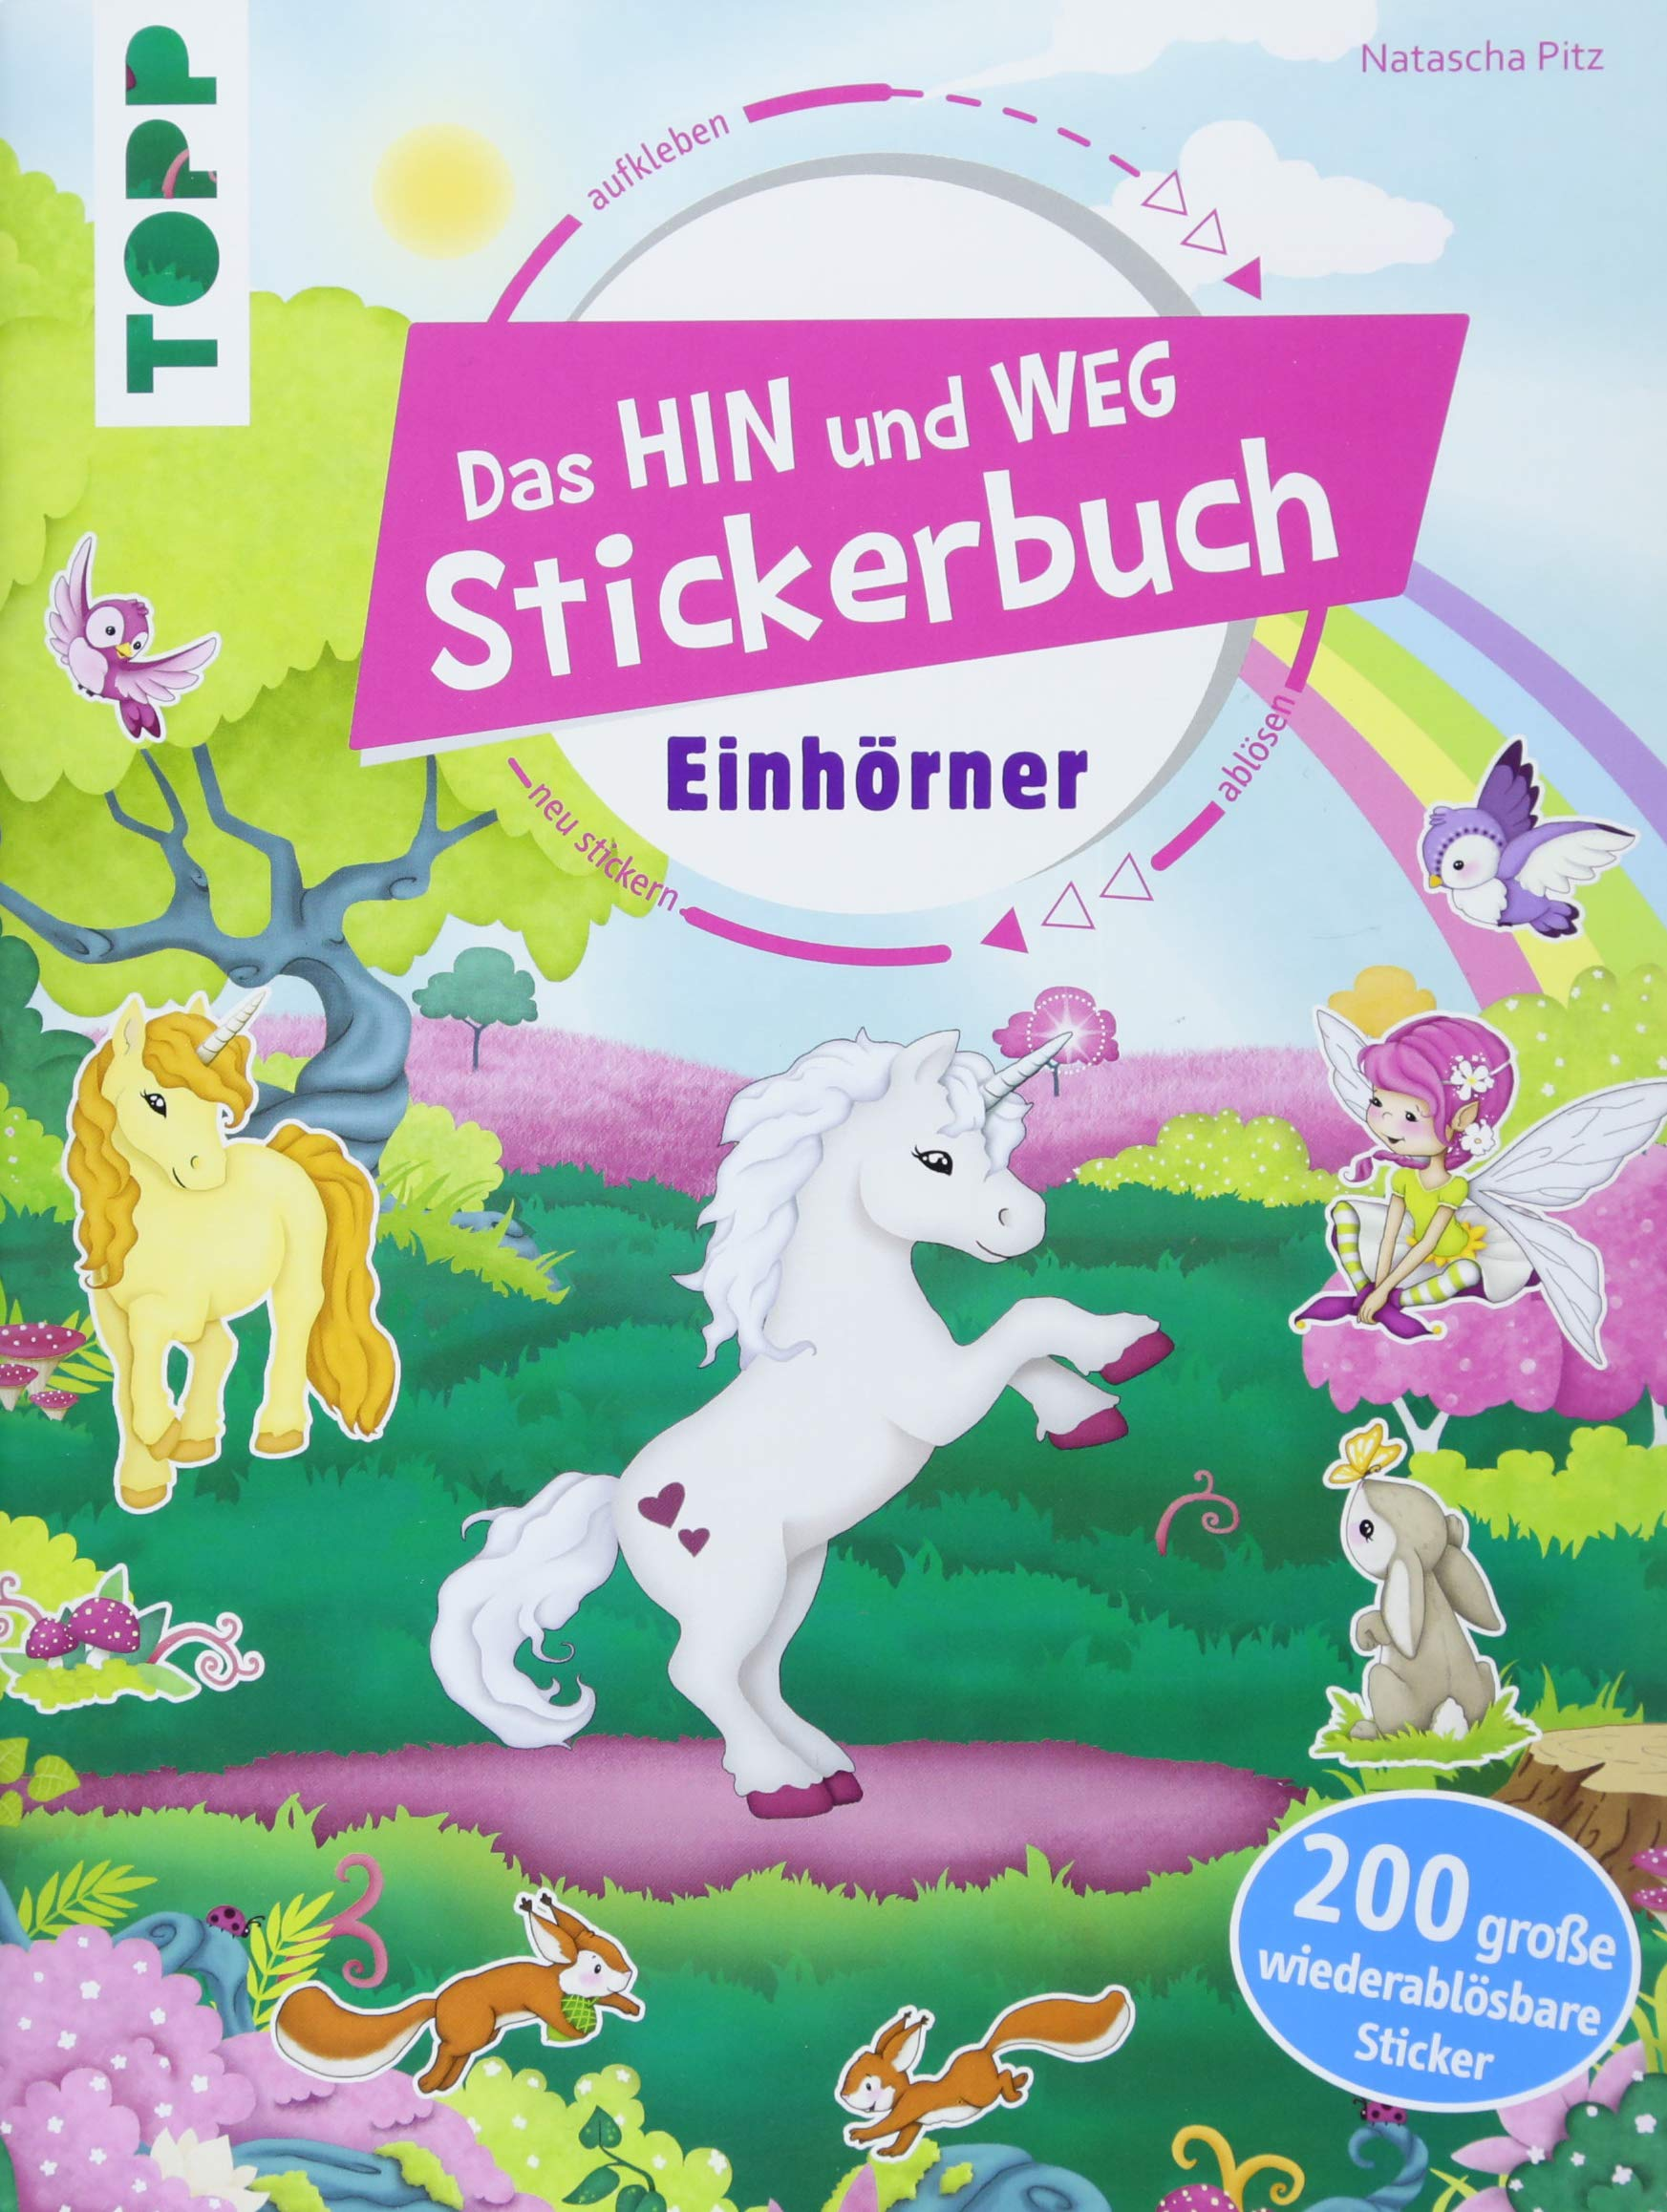 Das Hin-und-weg-Stickerbuch. Einhörner: Mit über 200 wiederablösbaren großen Stickern